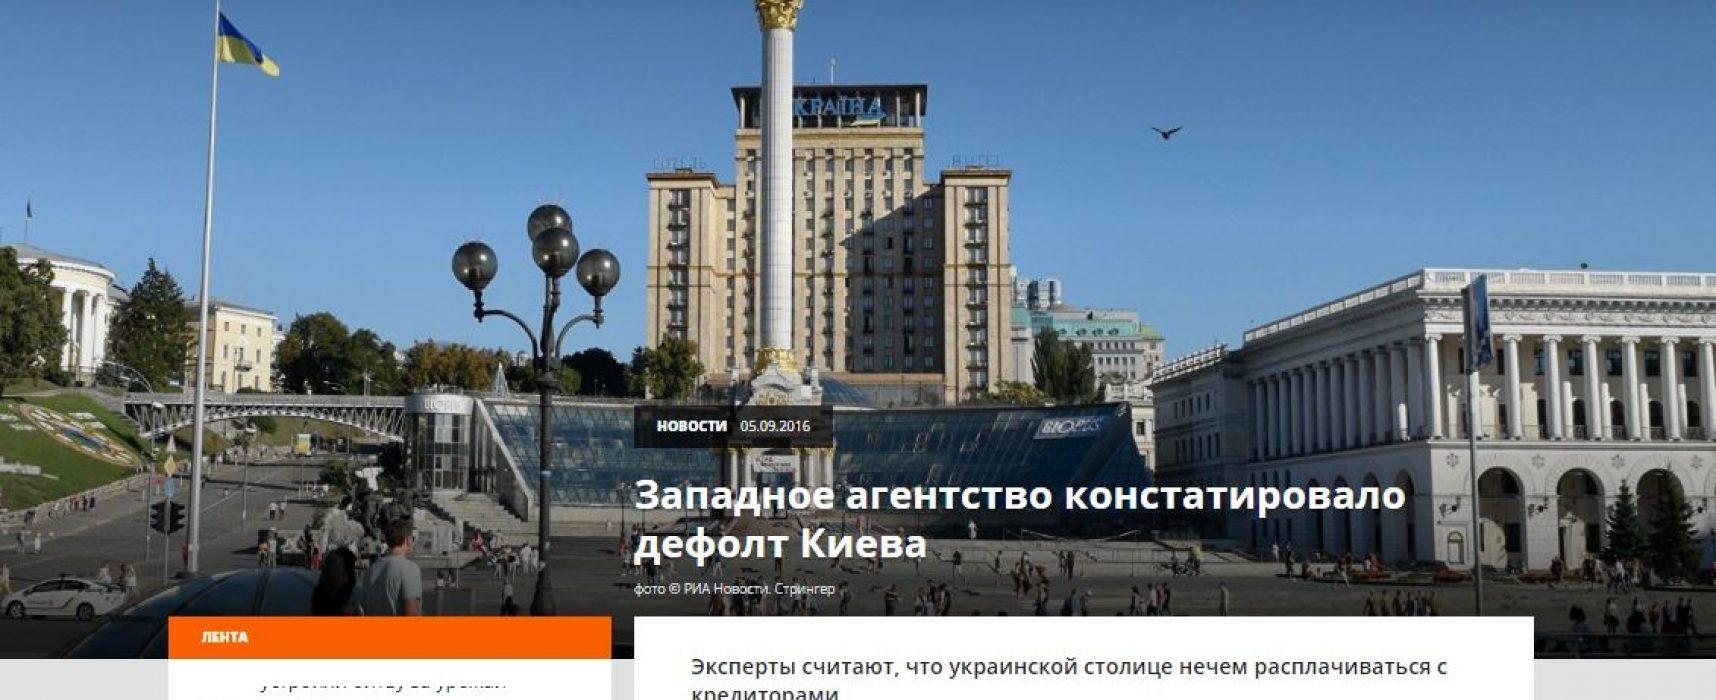 Фейк: Западное агентство констатировало дефолт Киева